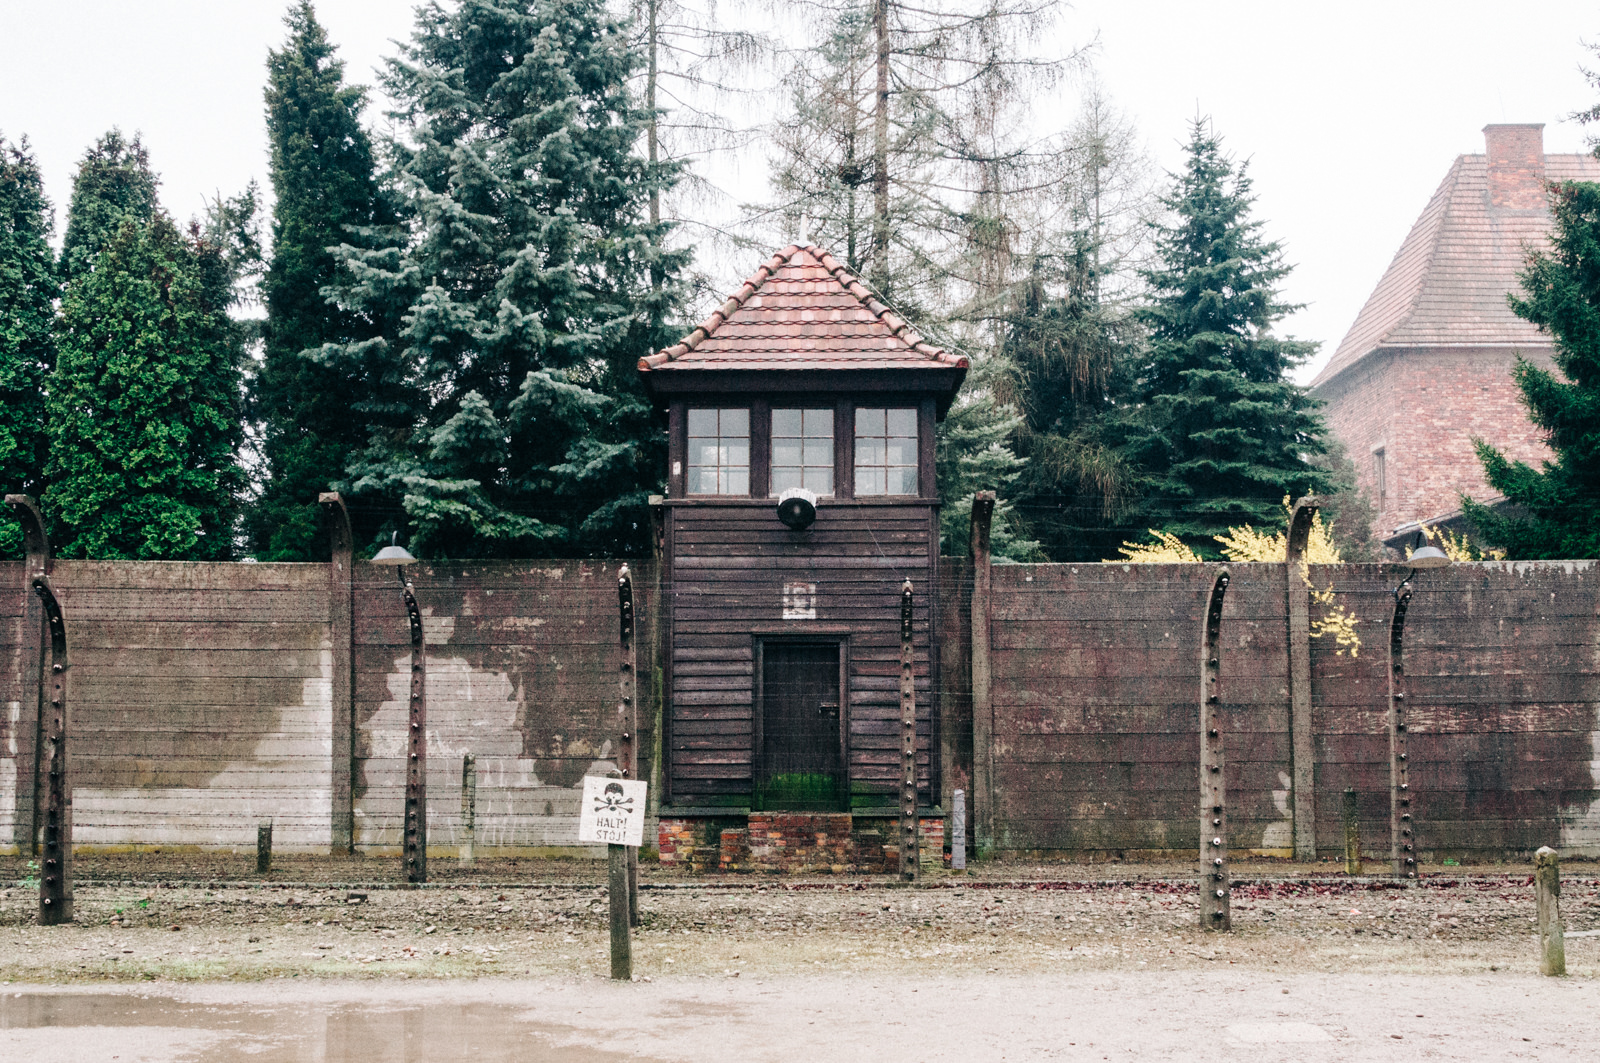 Cracovie la ville les mines de wieliczka et auschwitz - Les chambres a gaz ont elles vraiment existees ...